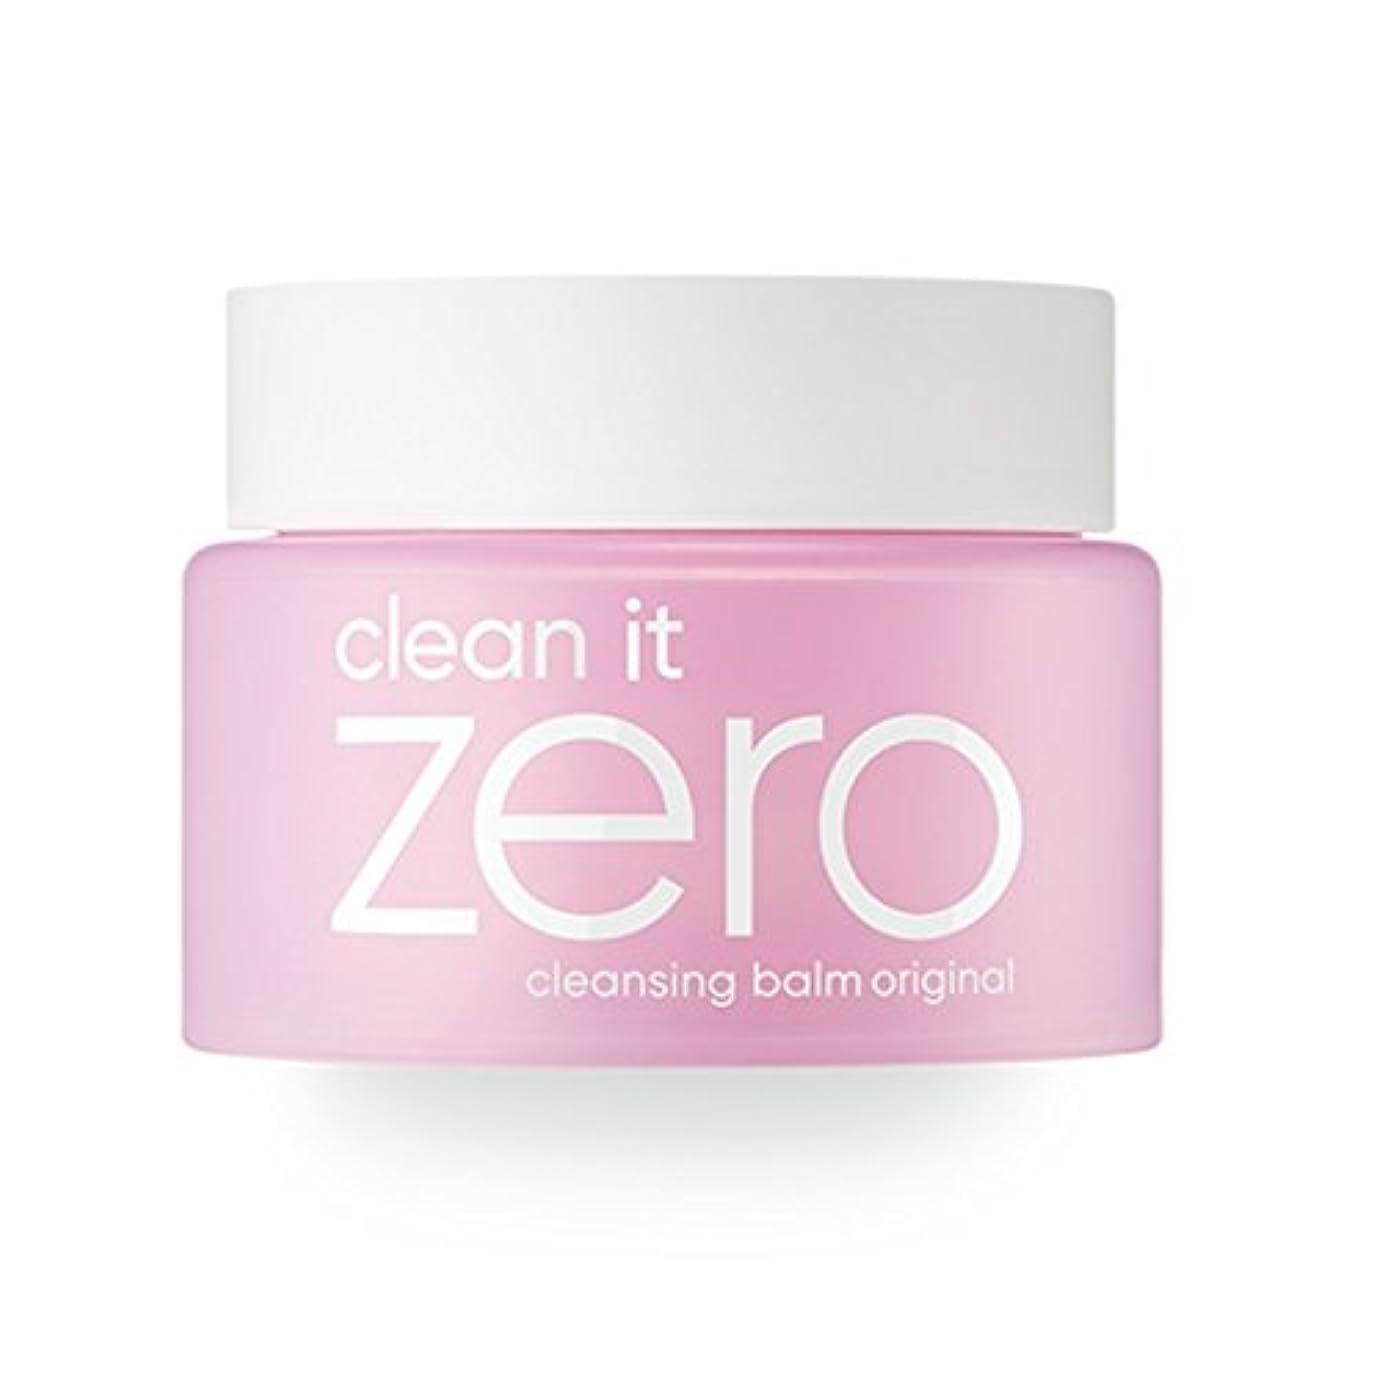 盲信欠かせないパフBanila.co クリーン イット ゼロ クレンジングバーム オリジナル / Clean it Zero Cleansing Balm Original (100ml)